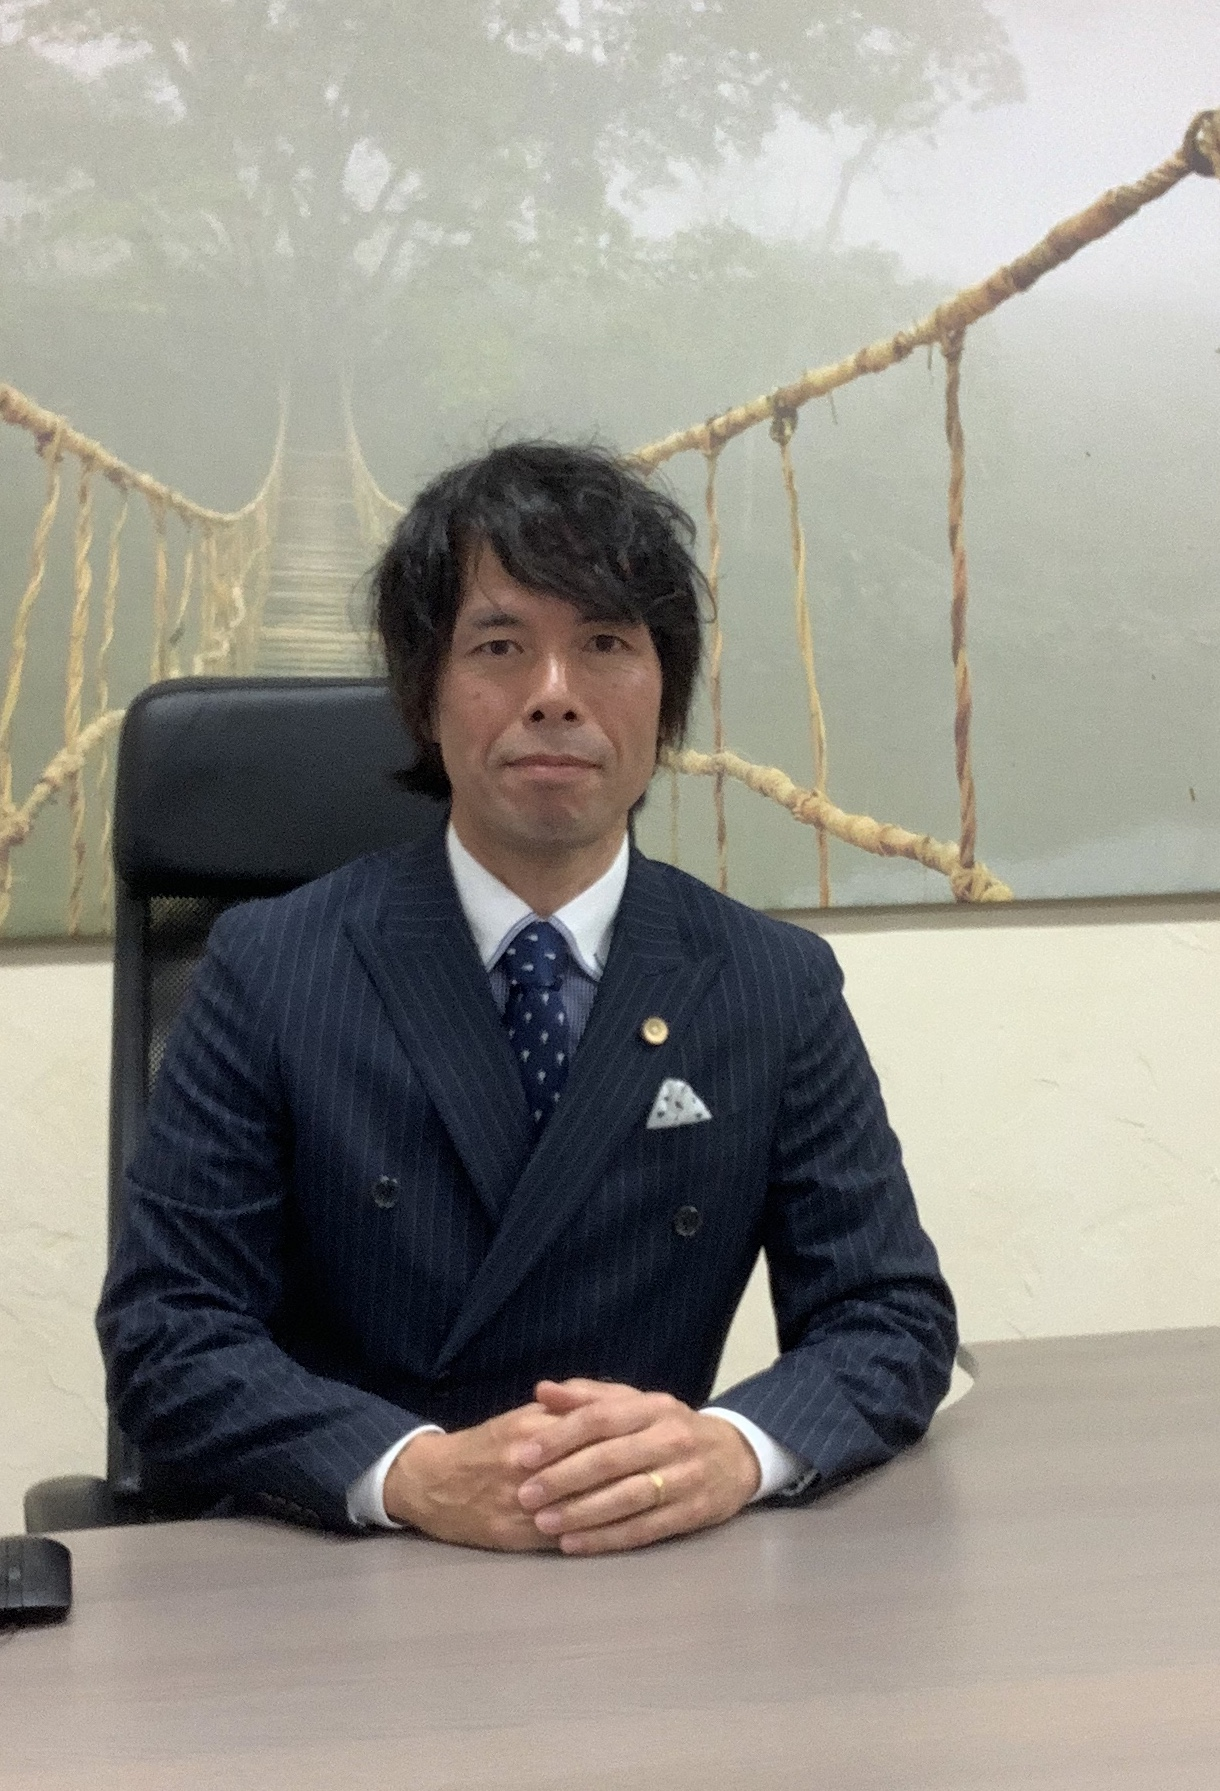 安藤法律事務所 代表安藤 昌司 (あんどう まさし)